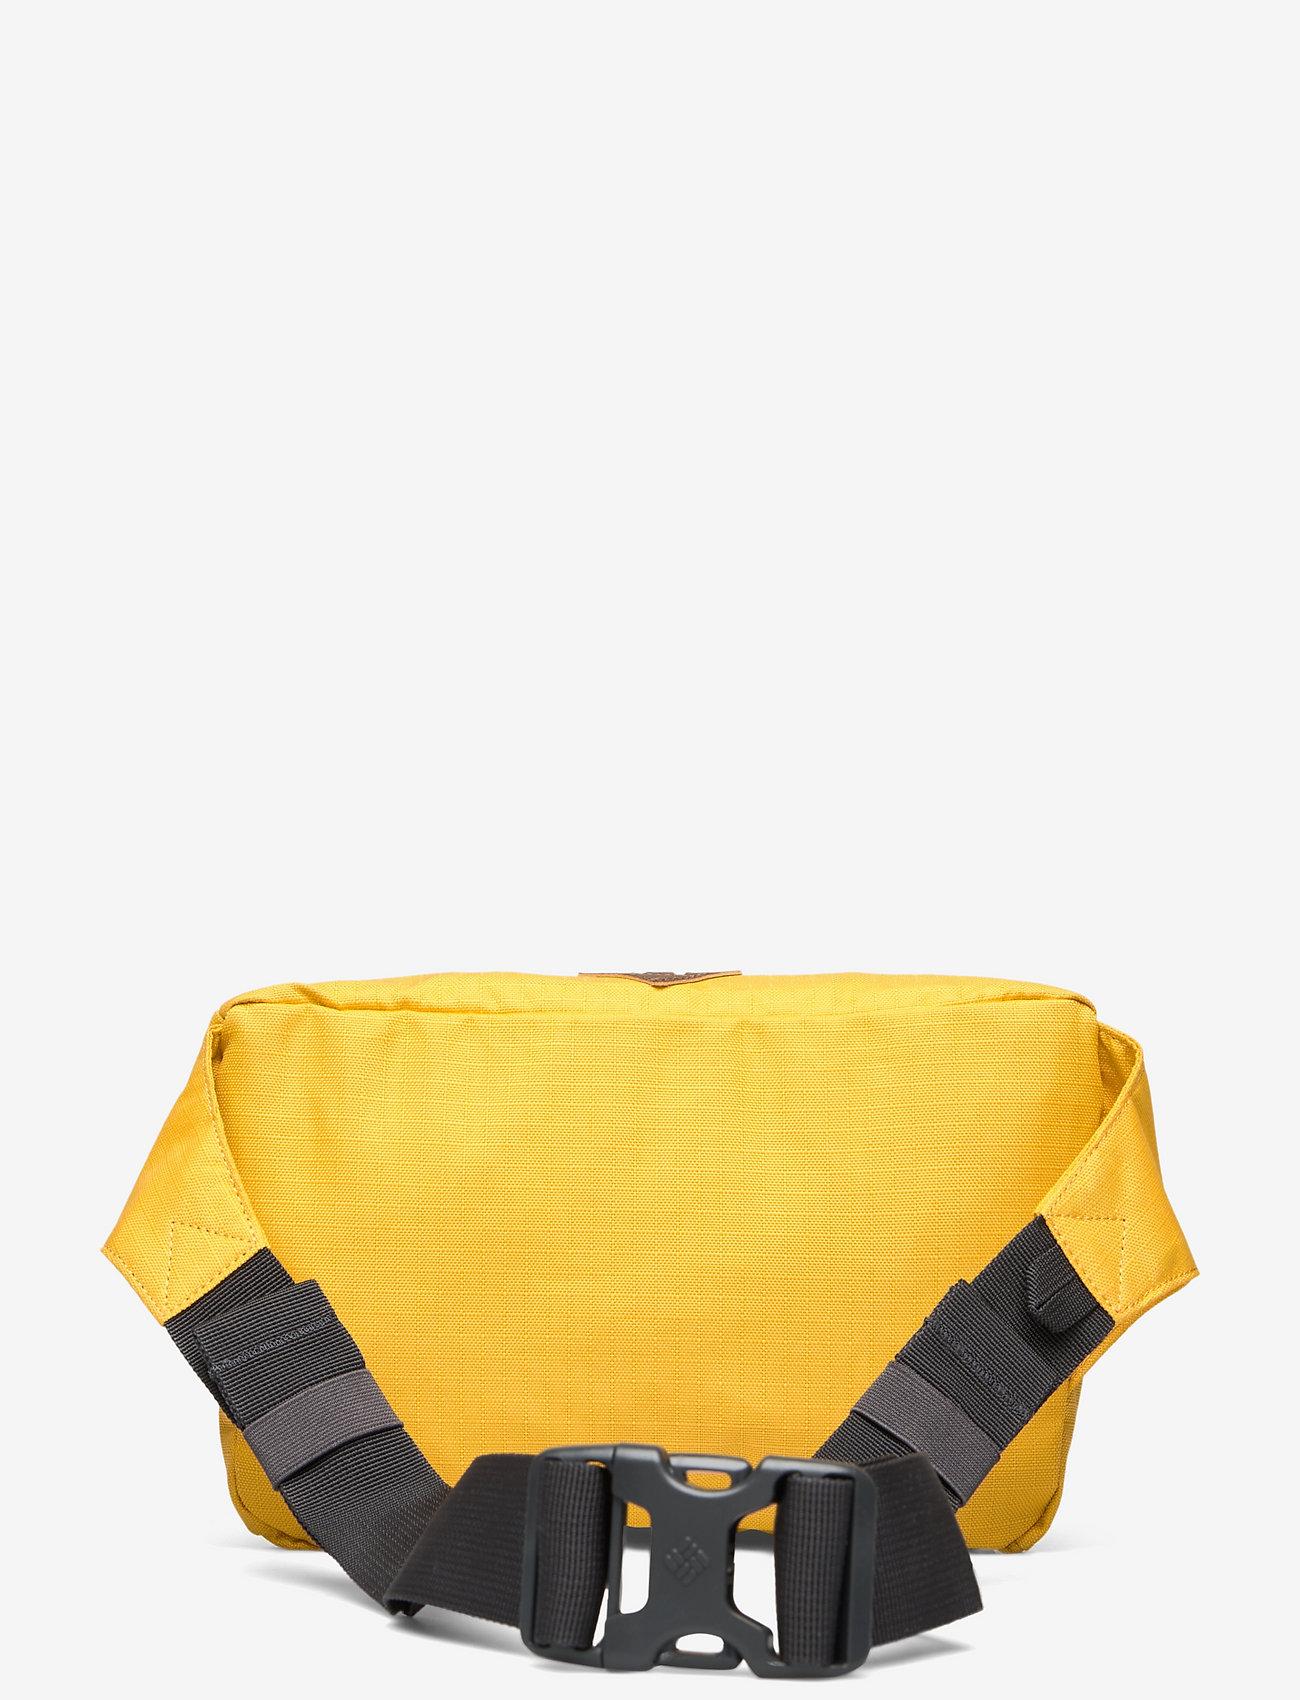 Columbia Classic Outdoor™ Lumbar Bag - Sacs